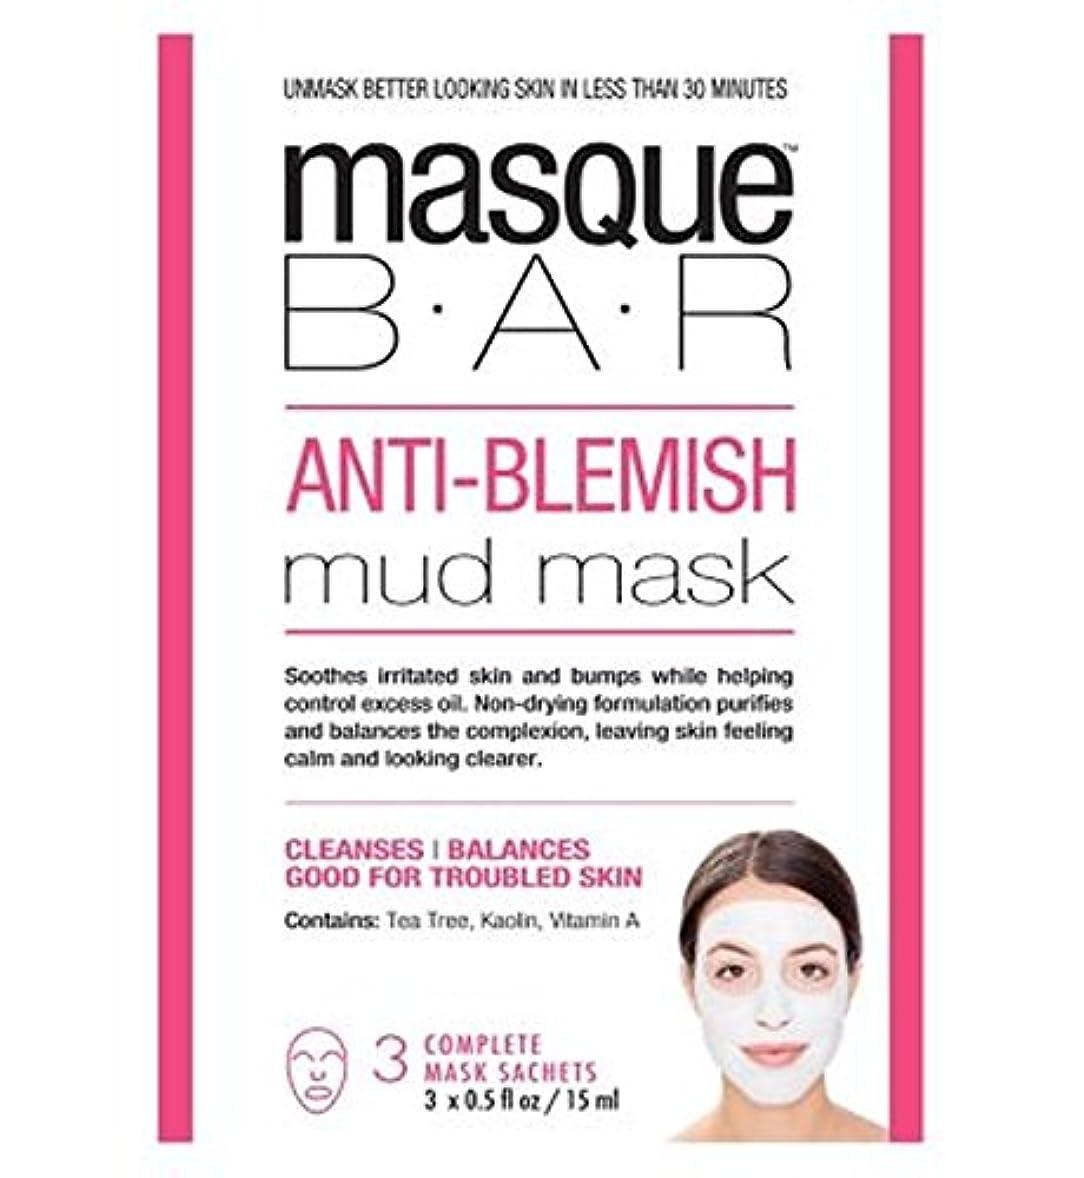 シミュレートする練習怒り仮面劇バー抗傷泥マスク - 3S (P6B Masque Bar Bt) (x2) - Masque Bar Anti-Blemish Mud Mask - 3s (Pack of 2) [並行輸入品]